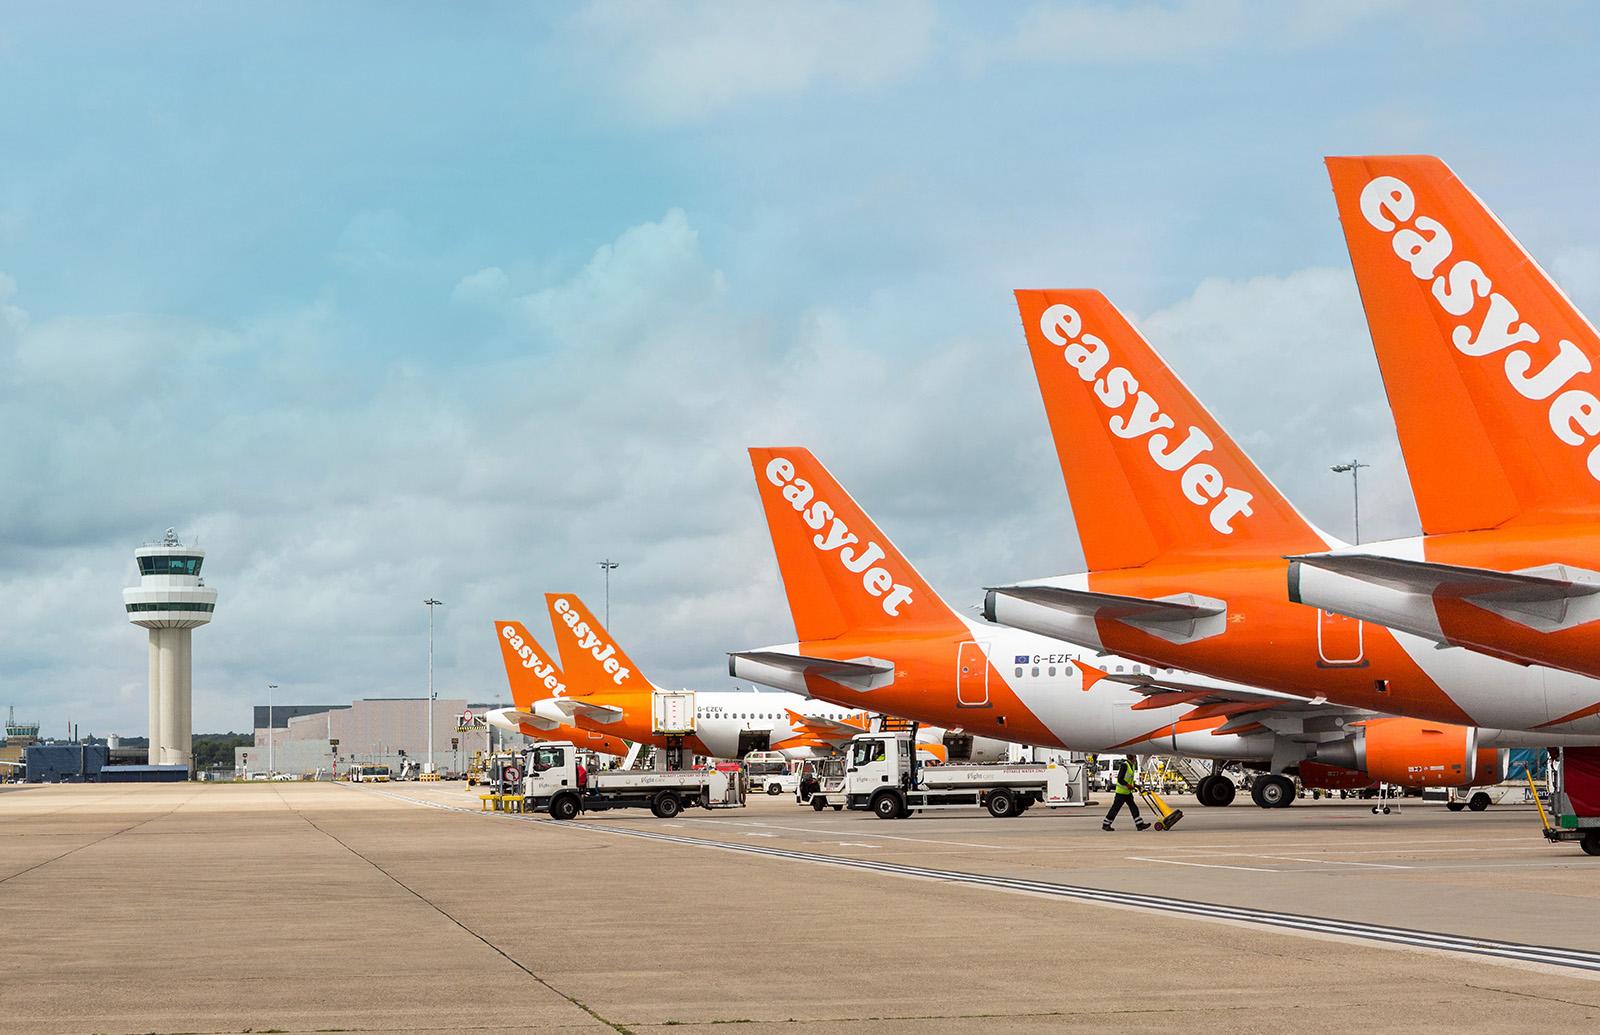 Лоукостер EasyJet станет первой в мире углеродно-нейтральной авиакомпанией